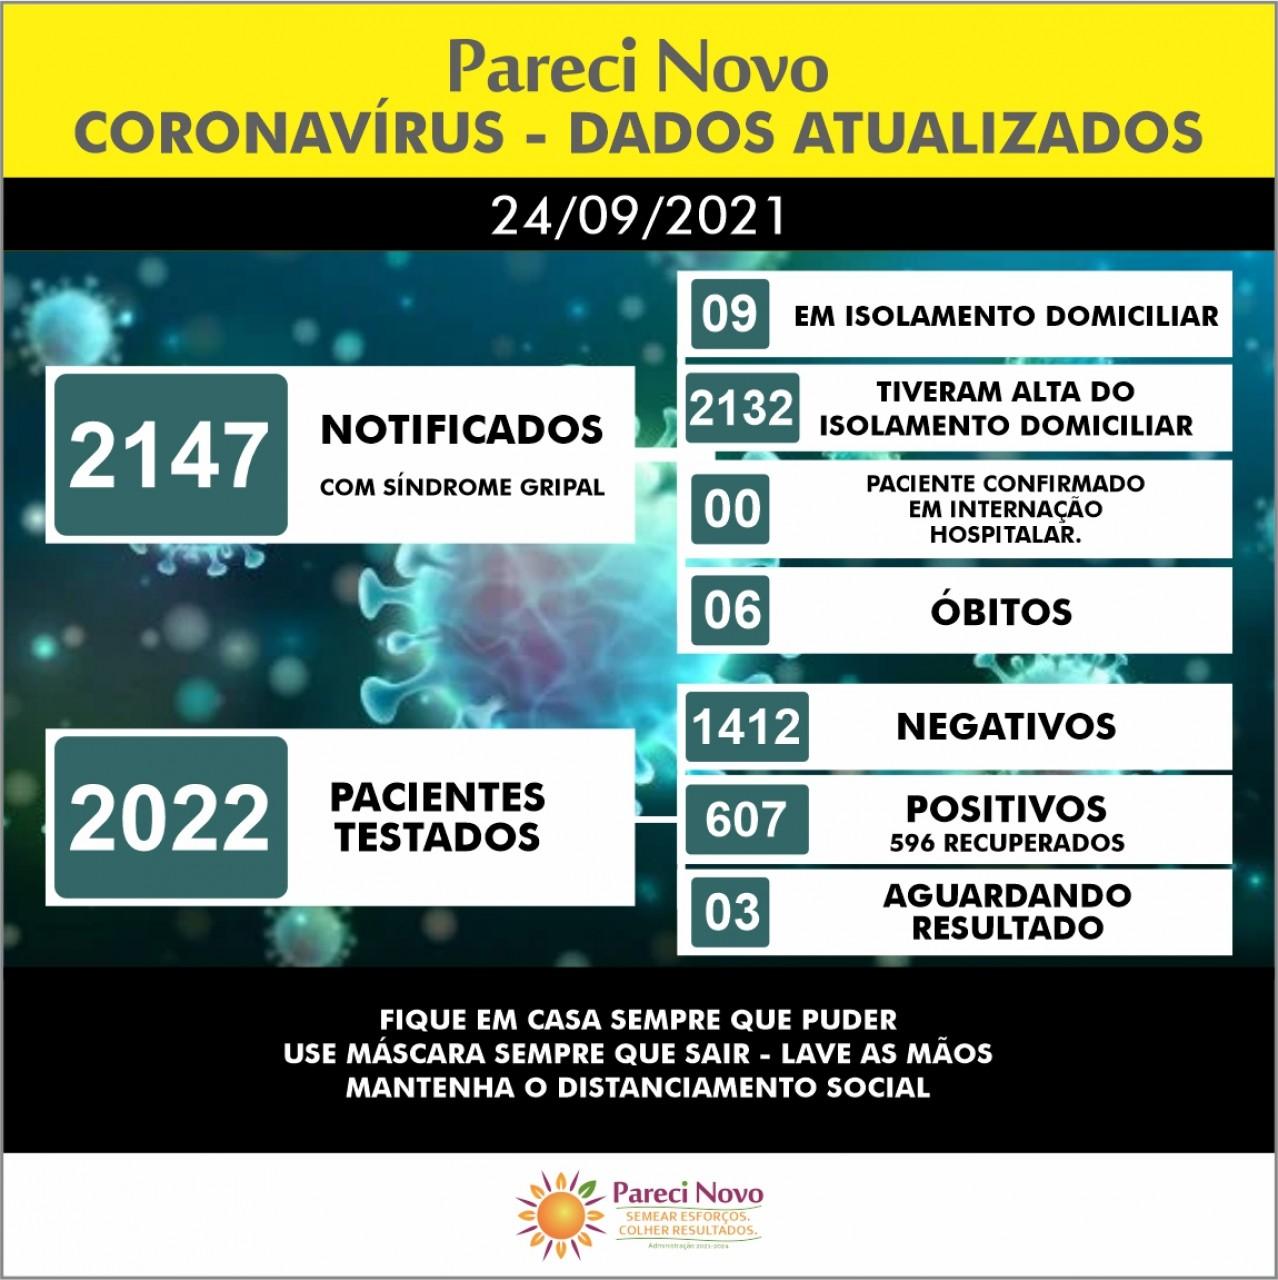 Covid-19 - Dados atualizados - Pareci Novo